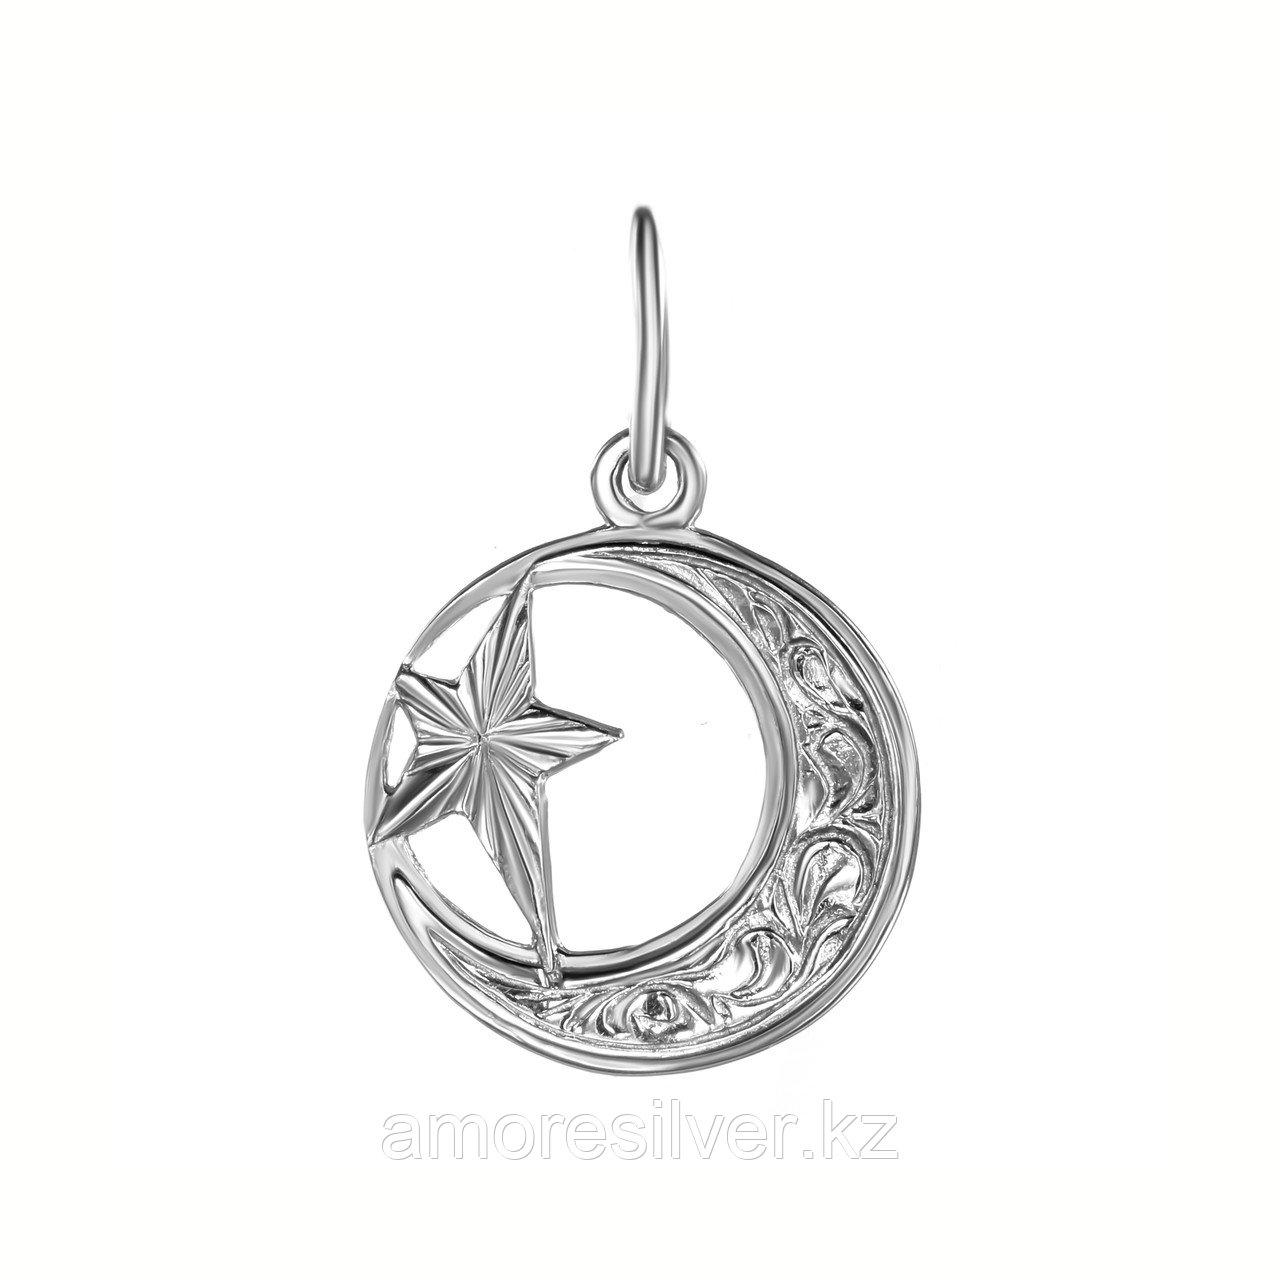 Кольцо SOKOLOV серебро с позолотой, без вставок юи 180002р